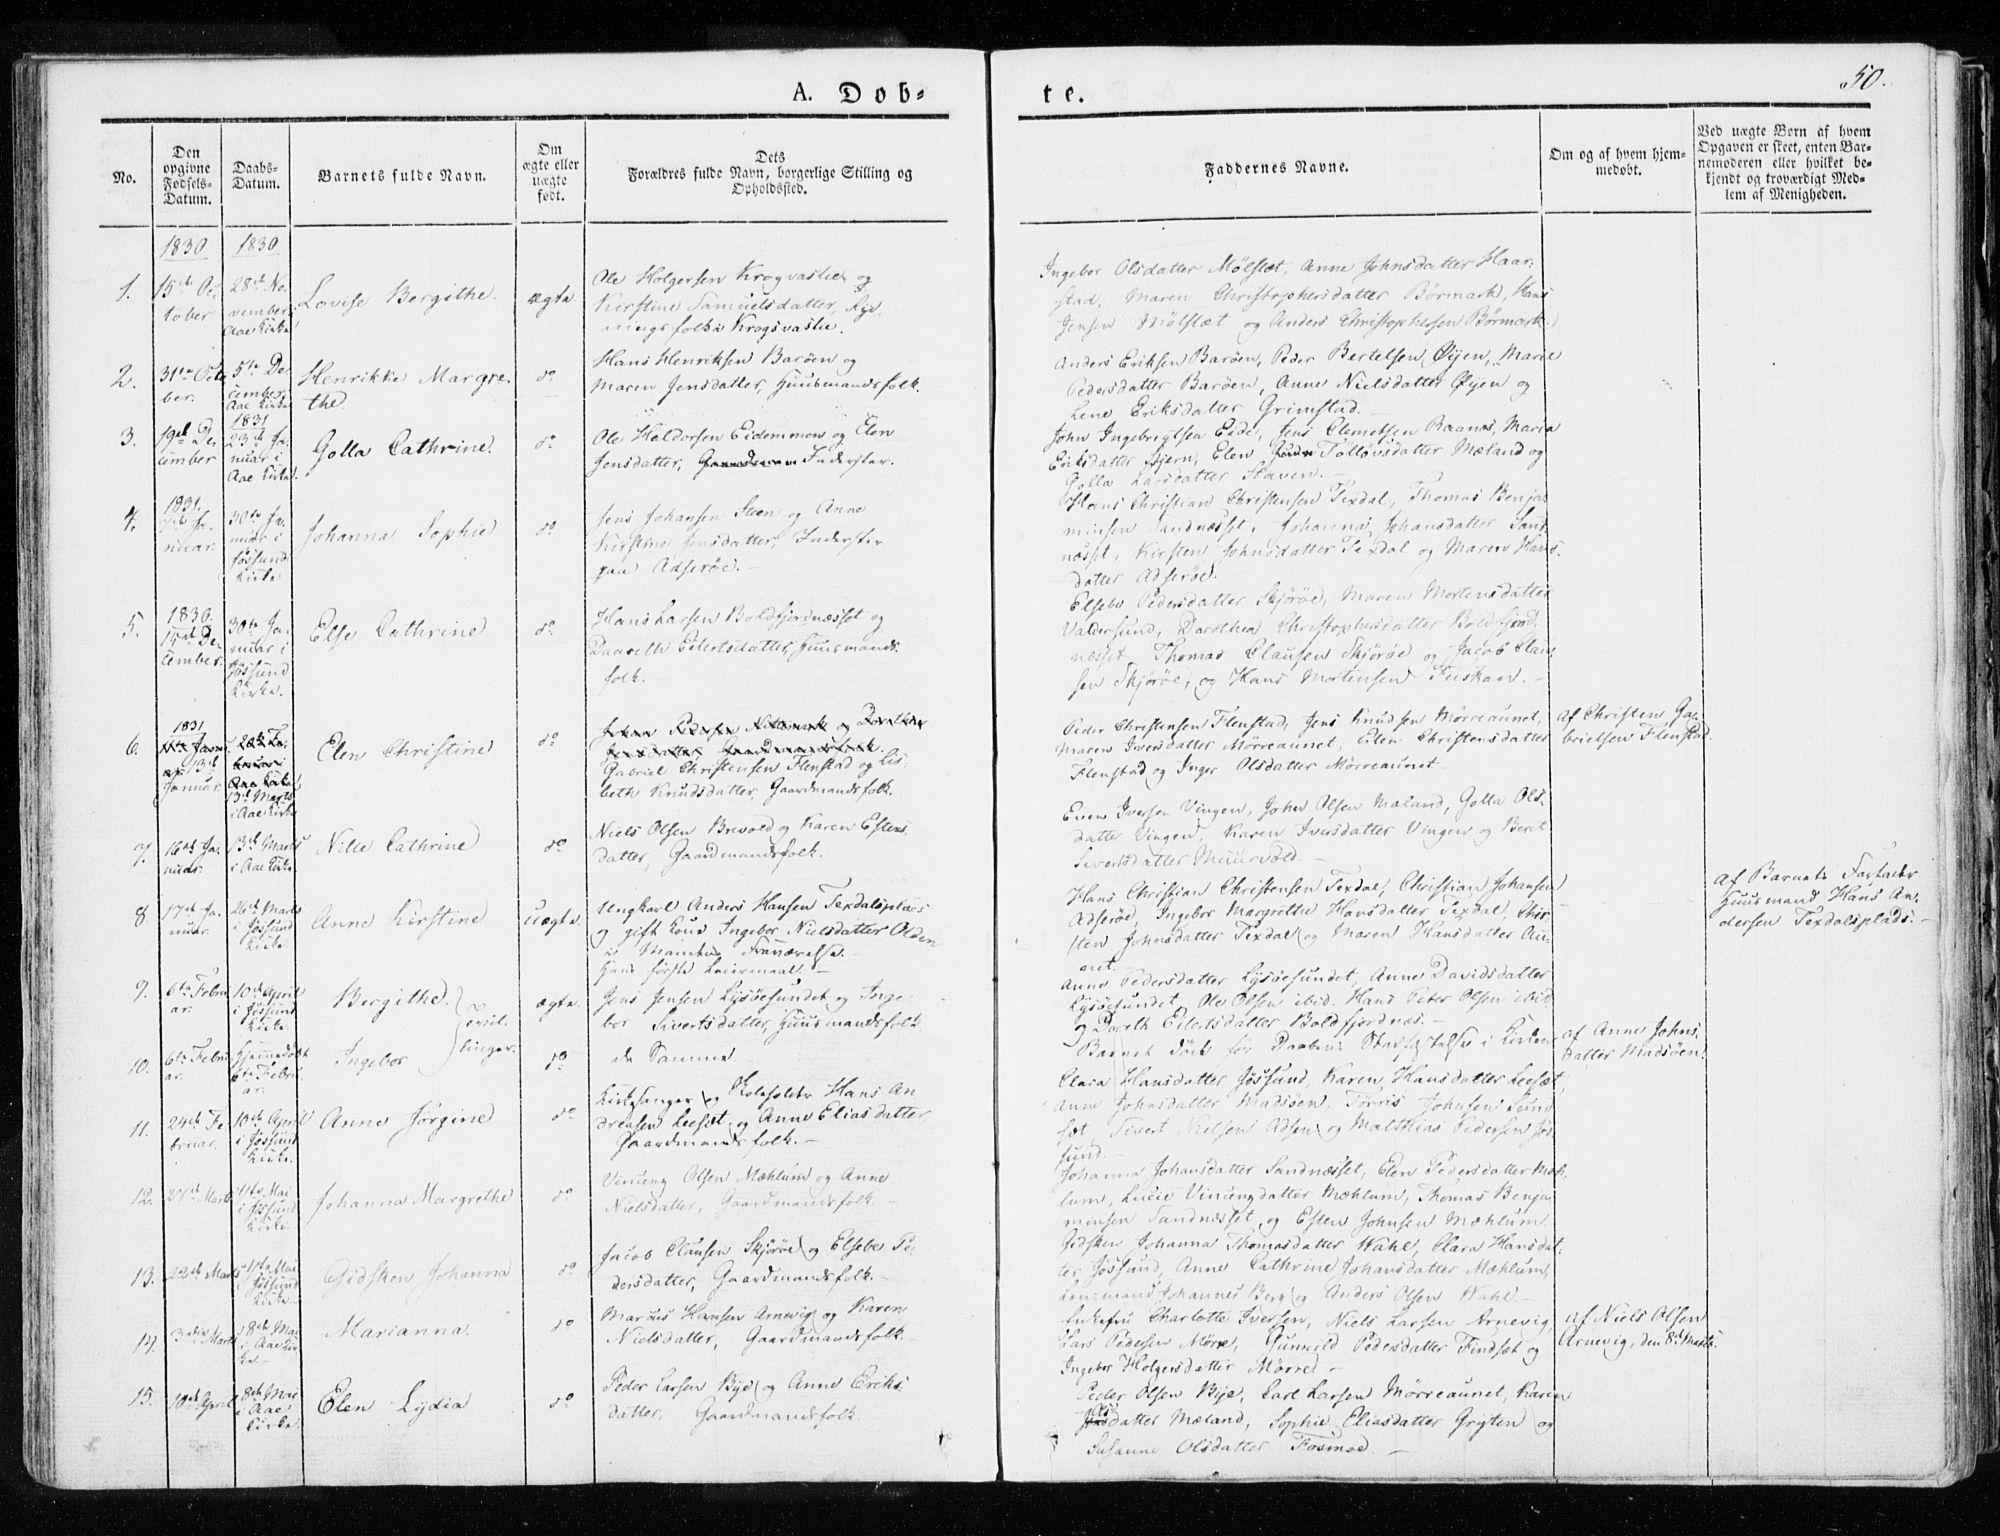 SAT, Ministerialprotokoller, klokkerbøker og fødselsregistre - Sør-Trøndelag, 655/L0676: Ministerialbok nr. 655A05, 1830-1847, s. 50